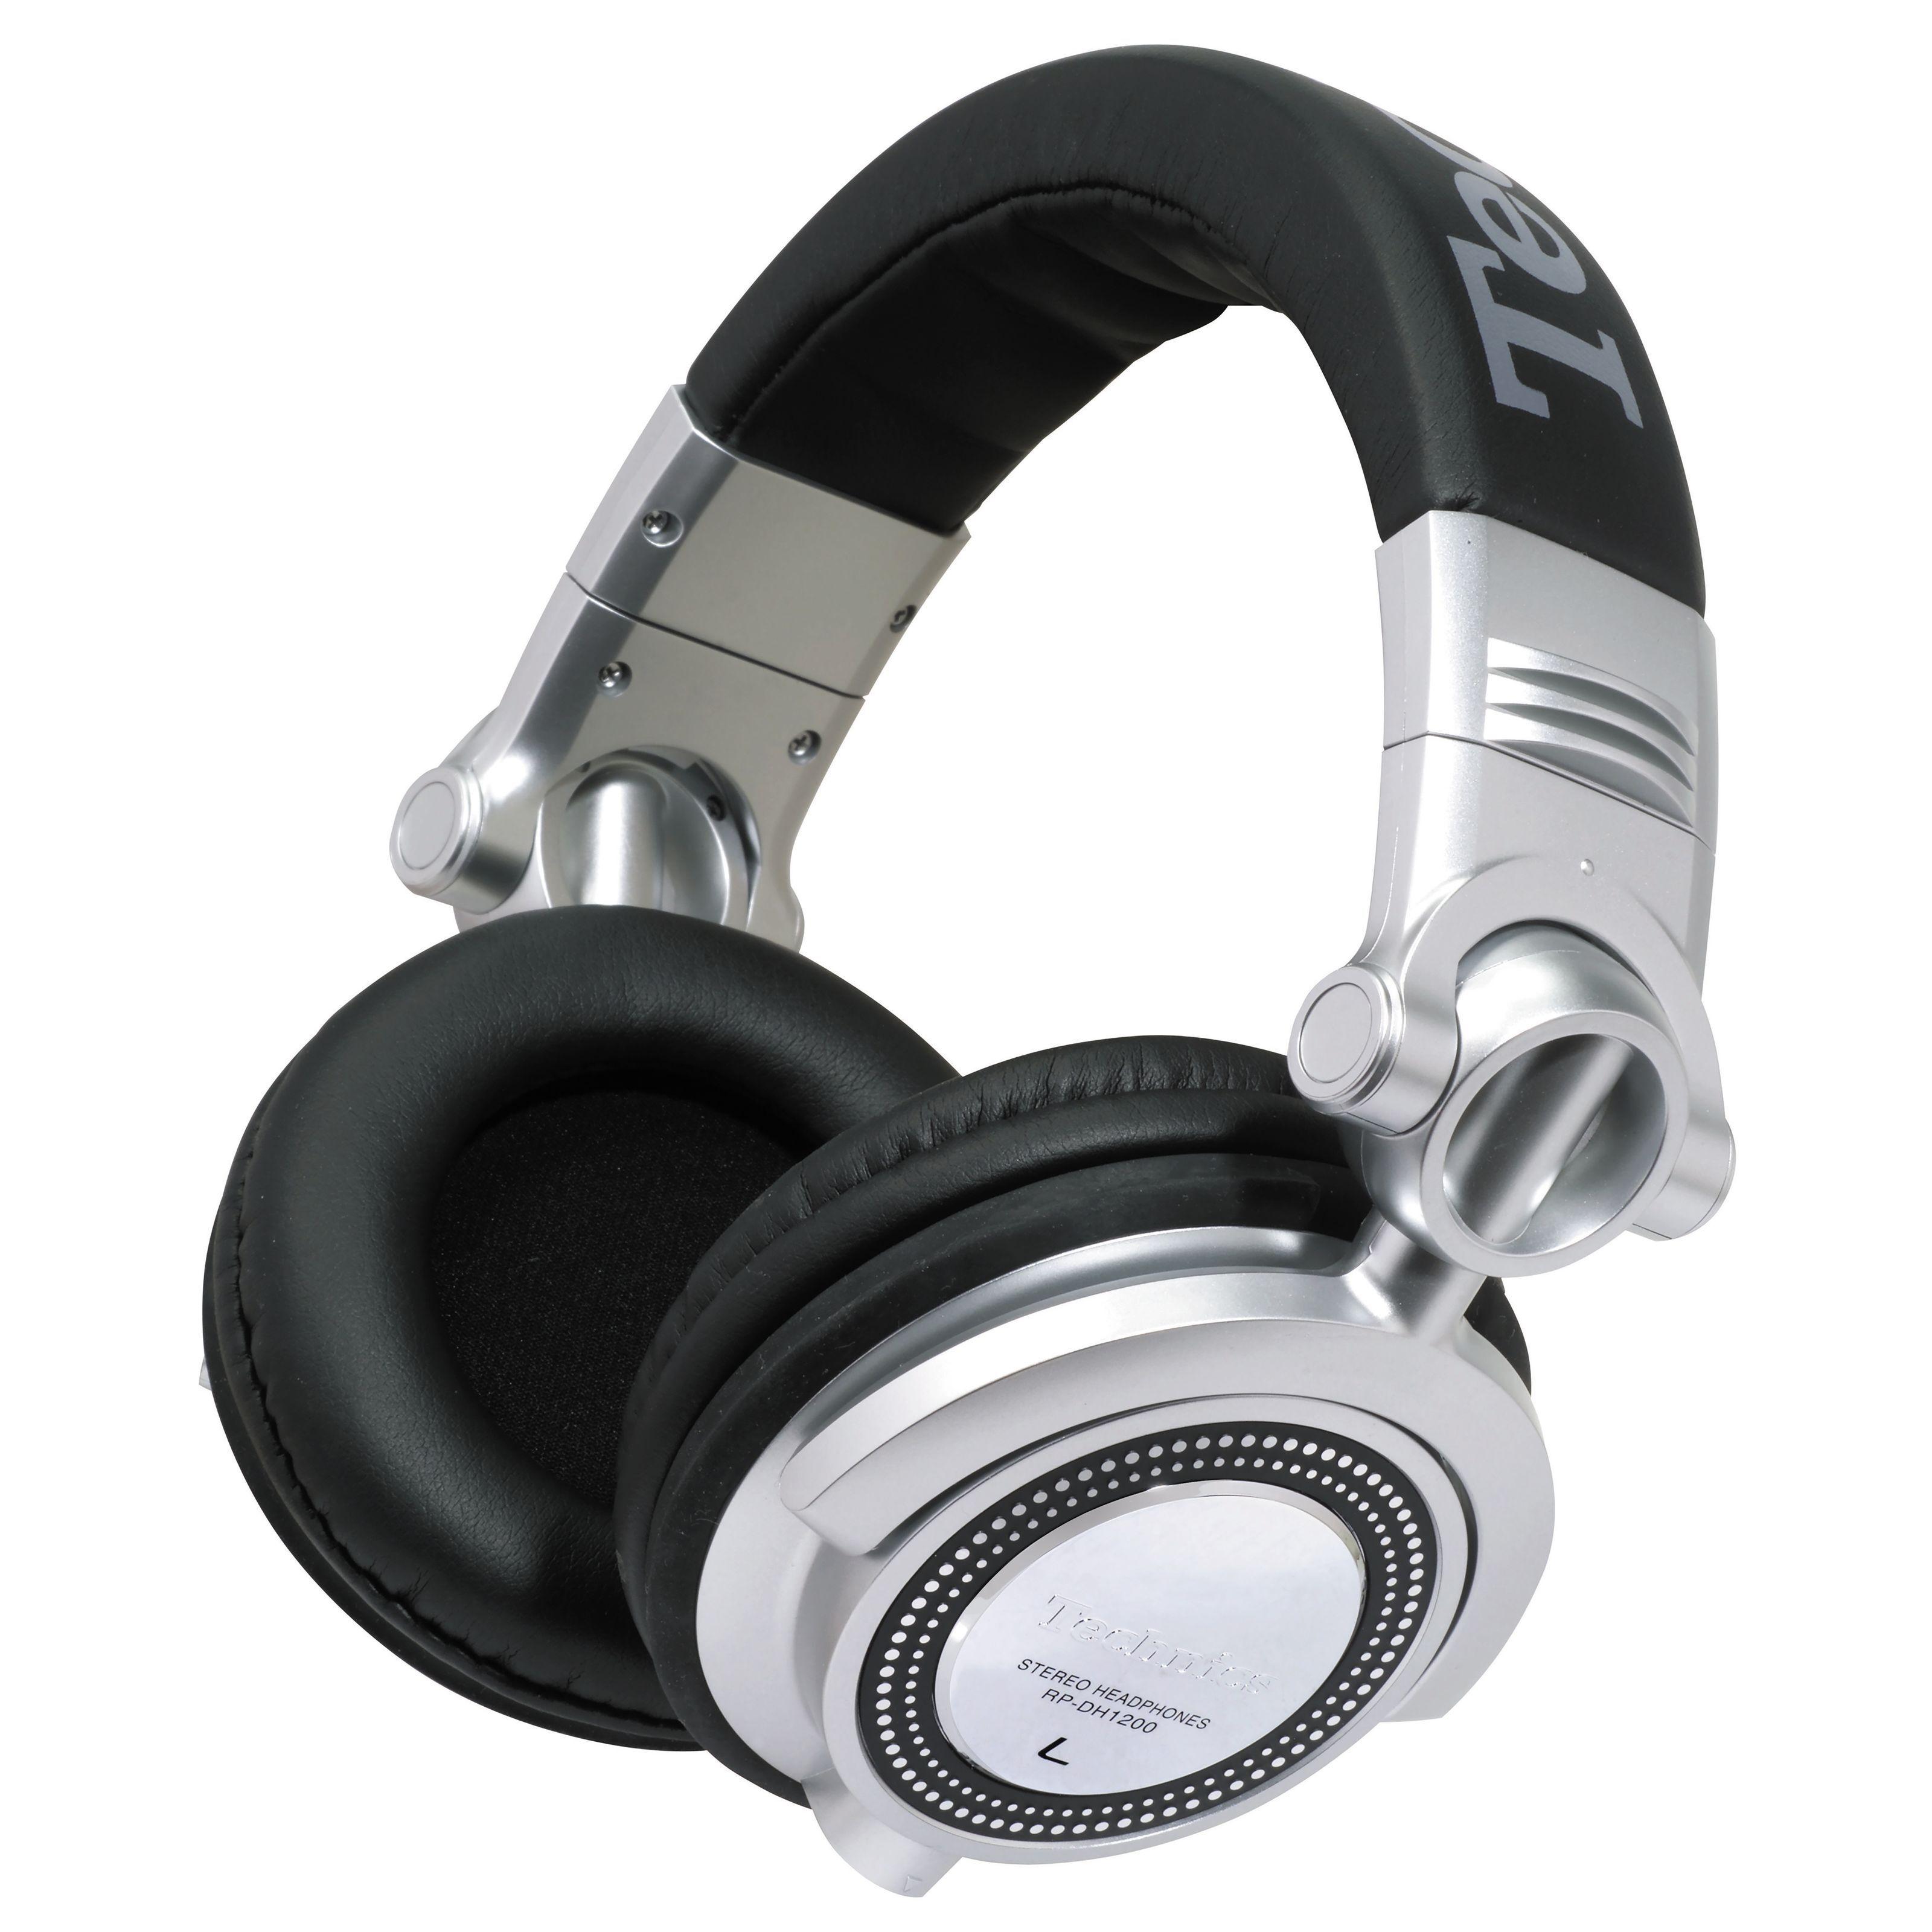 Technics RP-DH1200E-S auricualres dj, cerrados,107dB